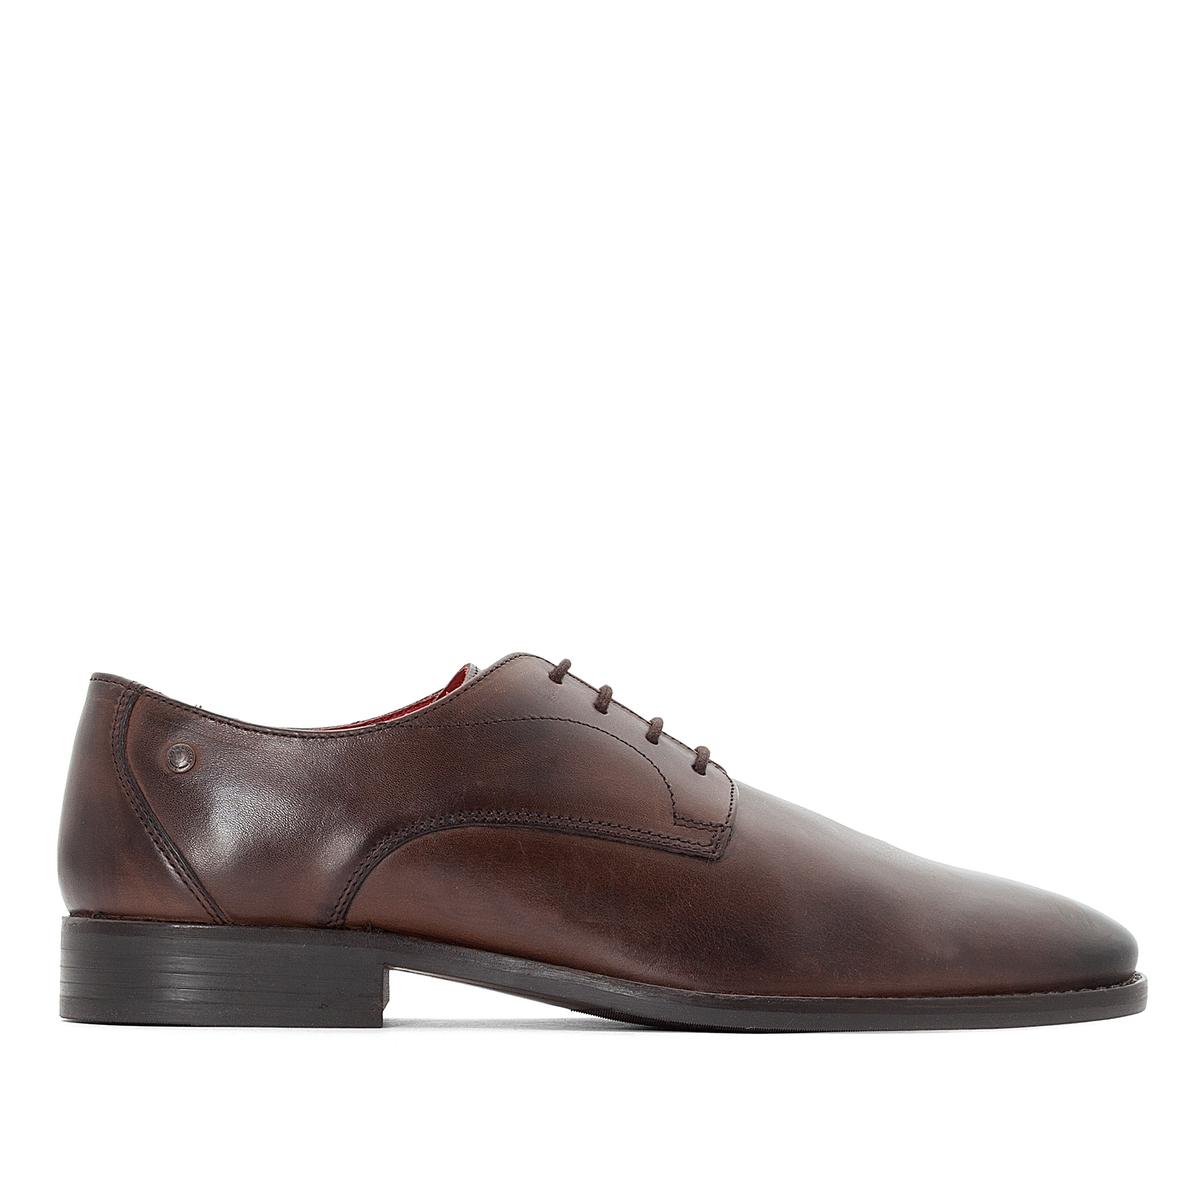 Ботинки-оксфорды кожаные Ivy мужские оксфорды 2015 100